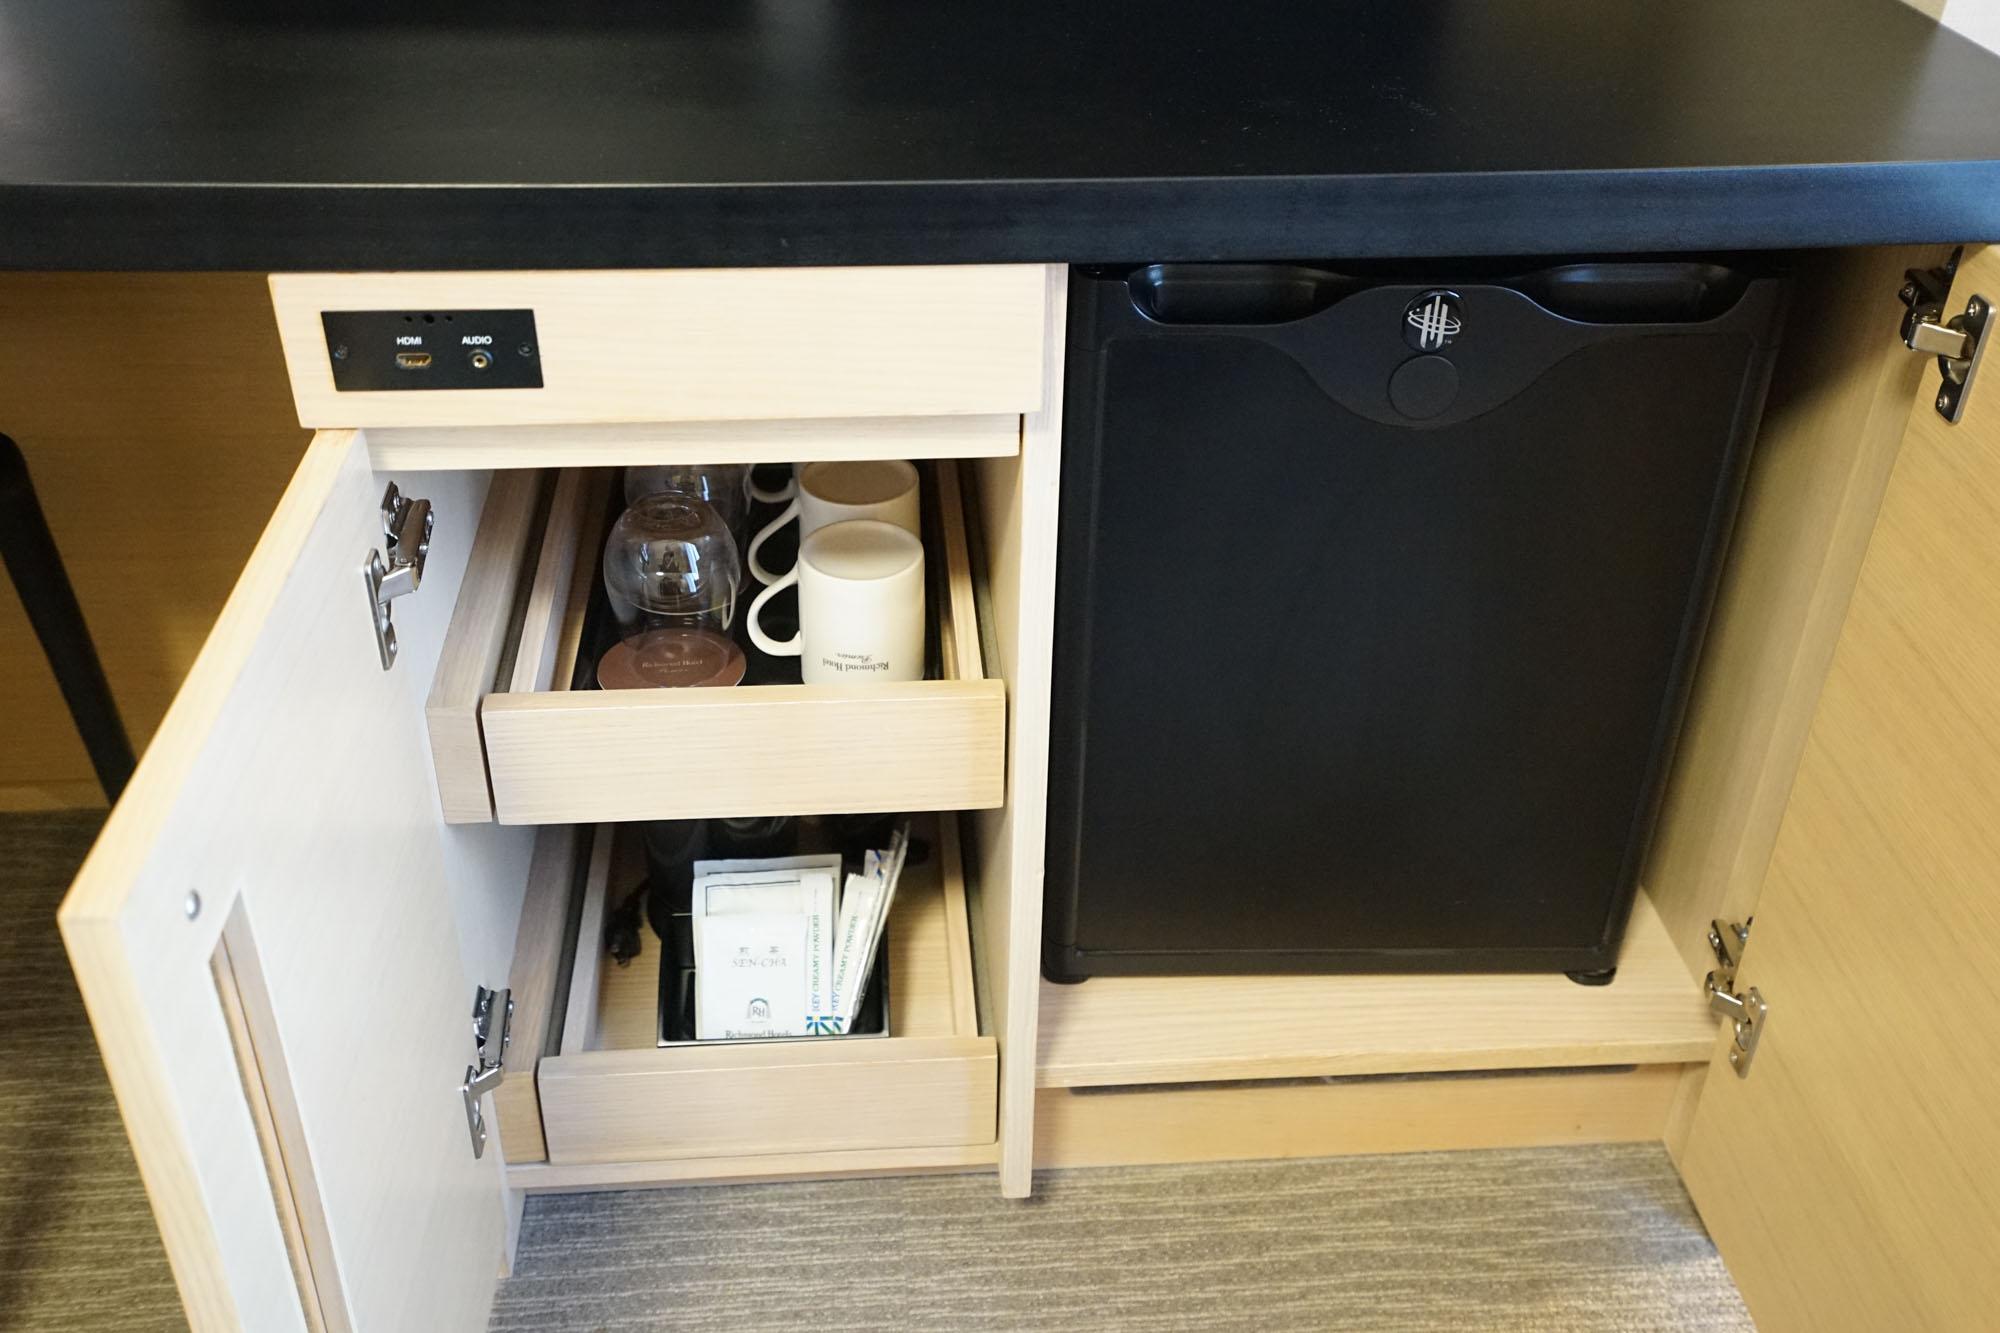 テレビ下にはミニ冷蔵庫に、もちろん電気ポットも。しまっておく場所があるのでデスクの上がすっきりしてありがたいですね。